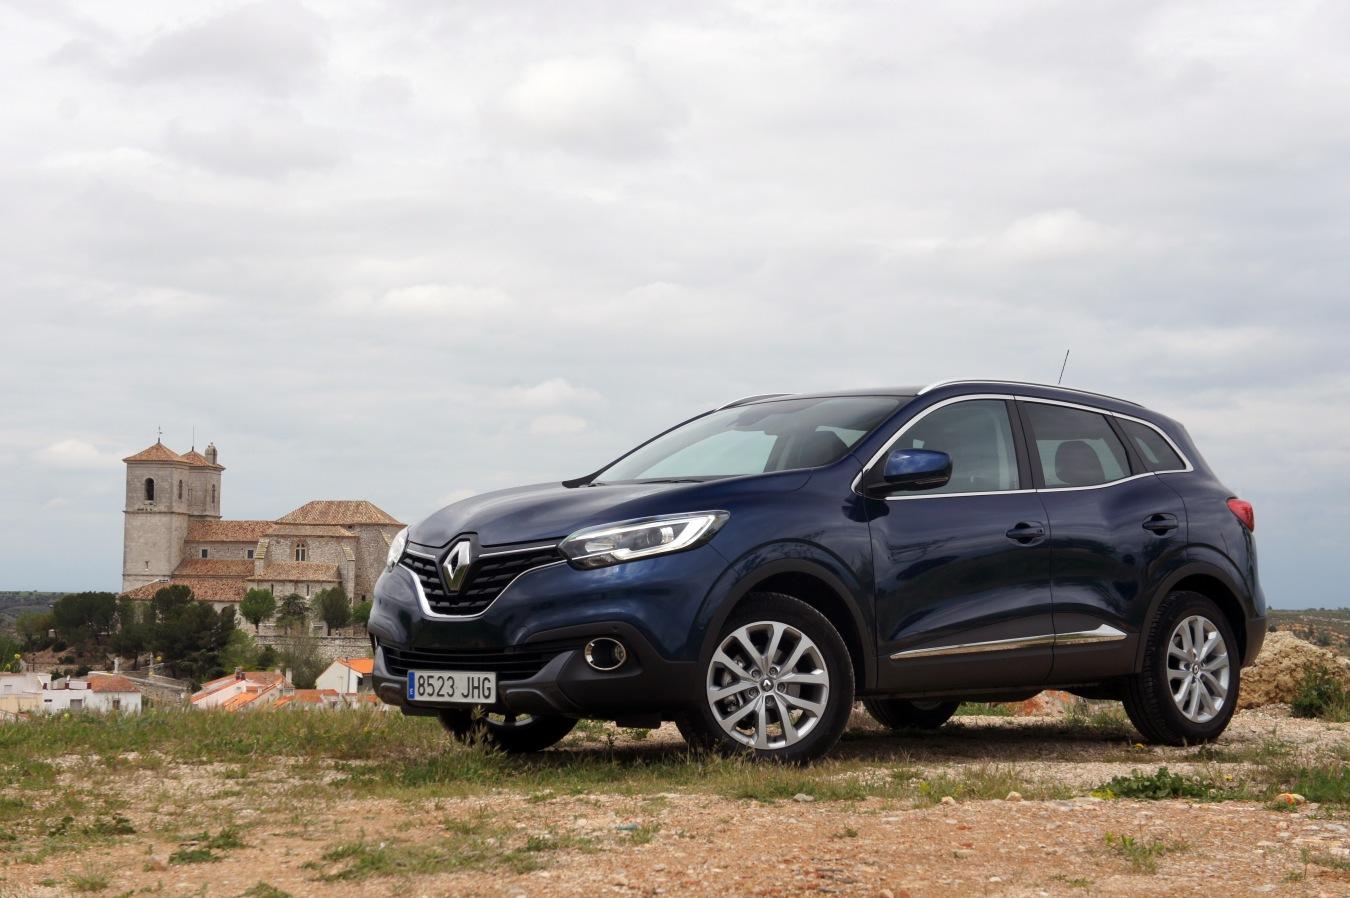 Ventas junio 2016, España: Renault lidera, Fiat en Top10